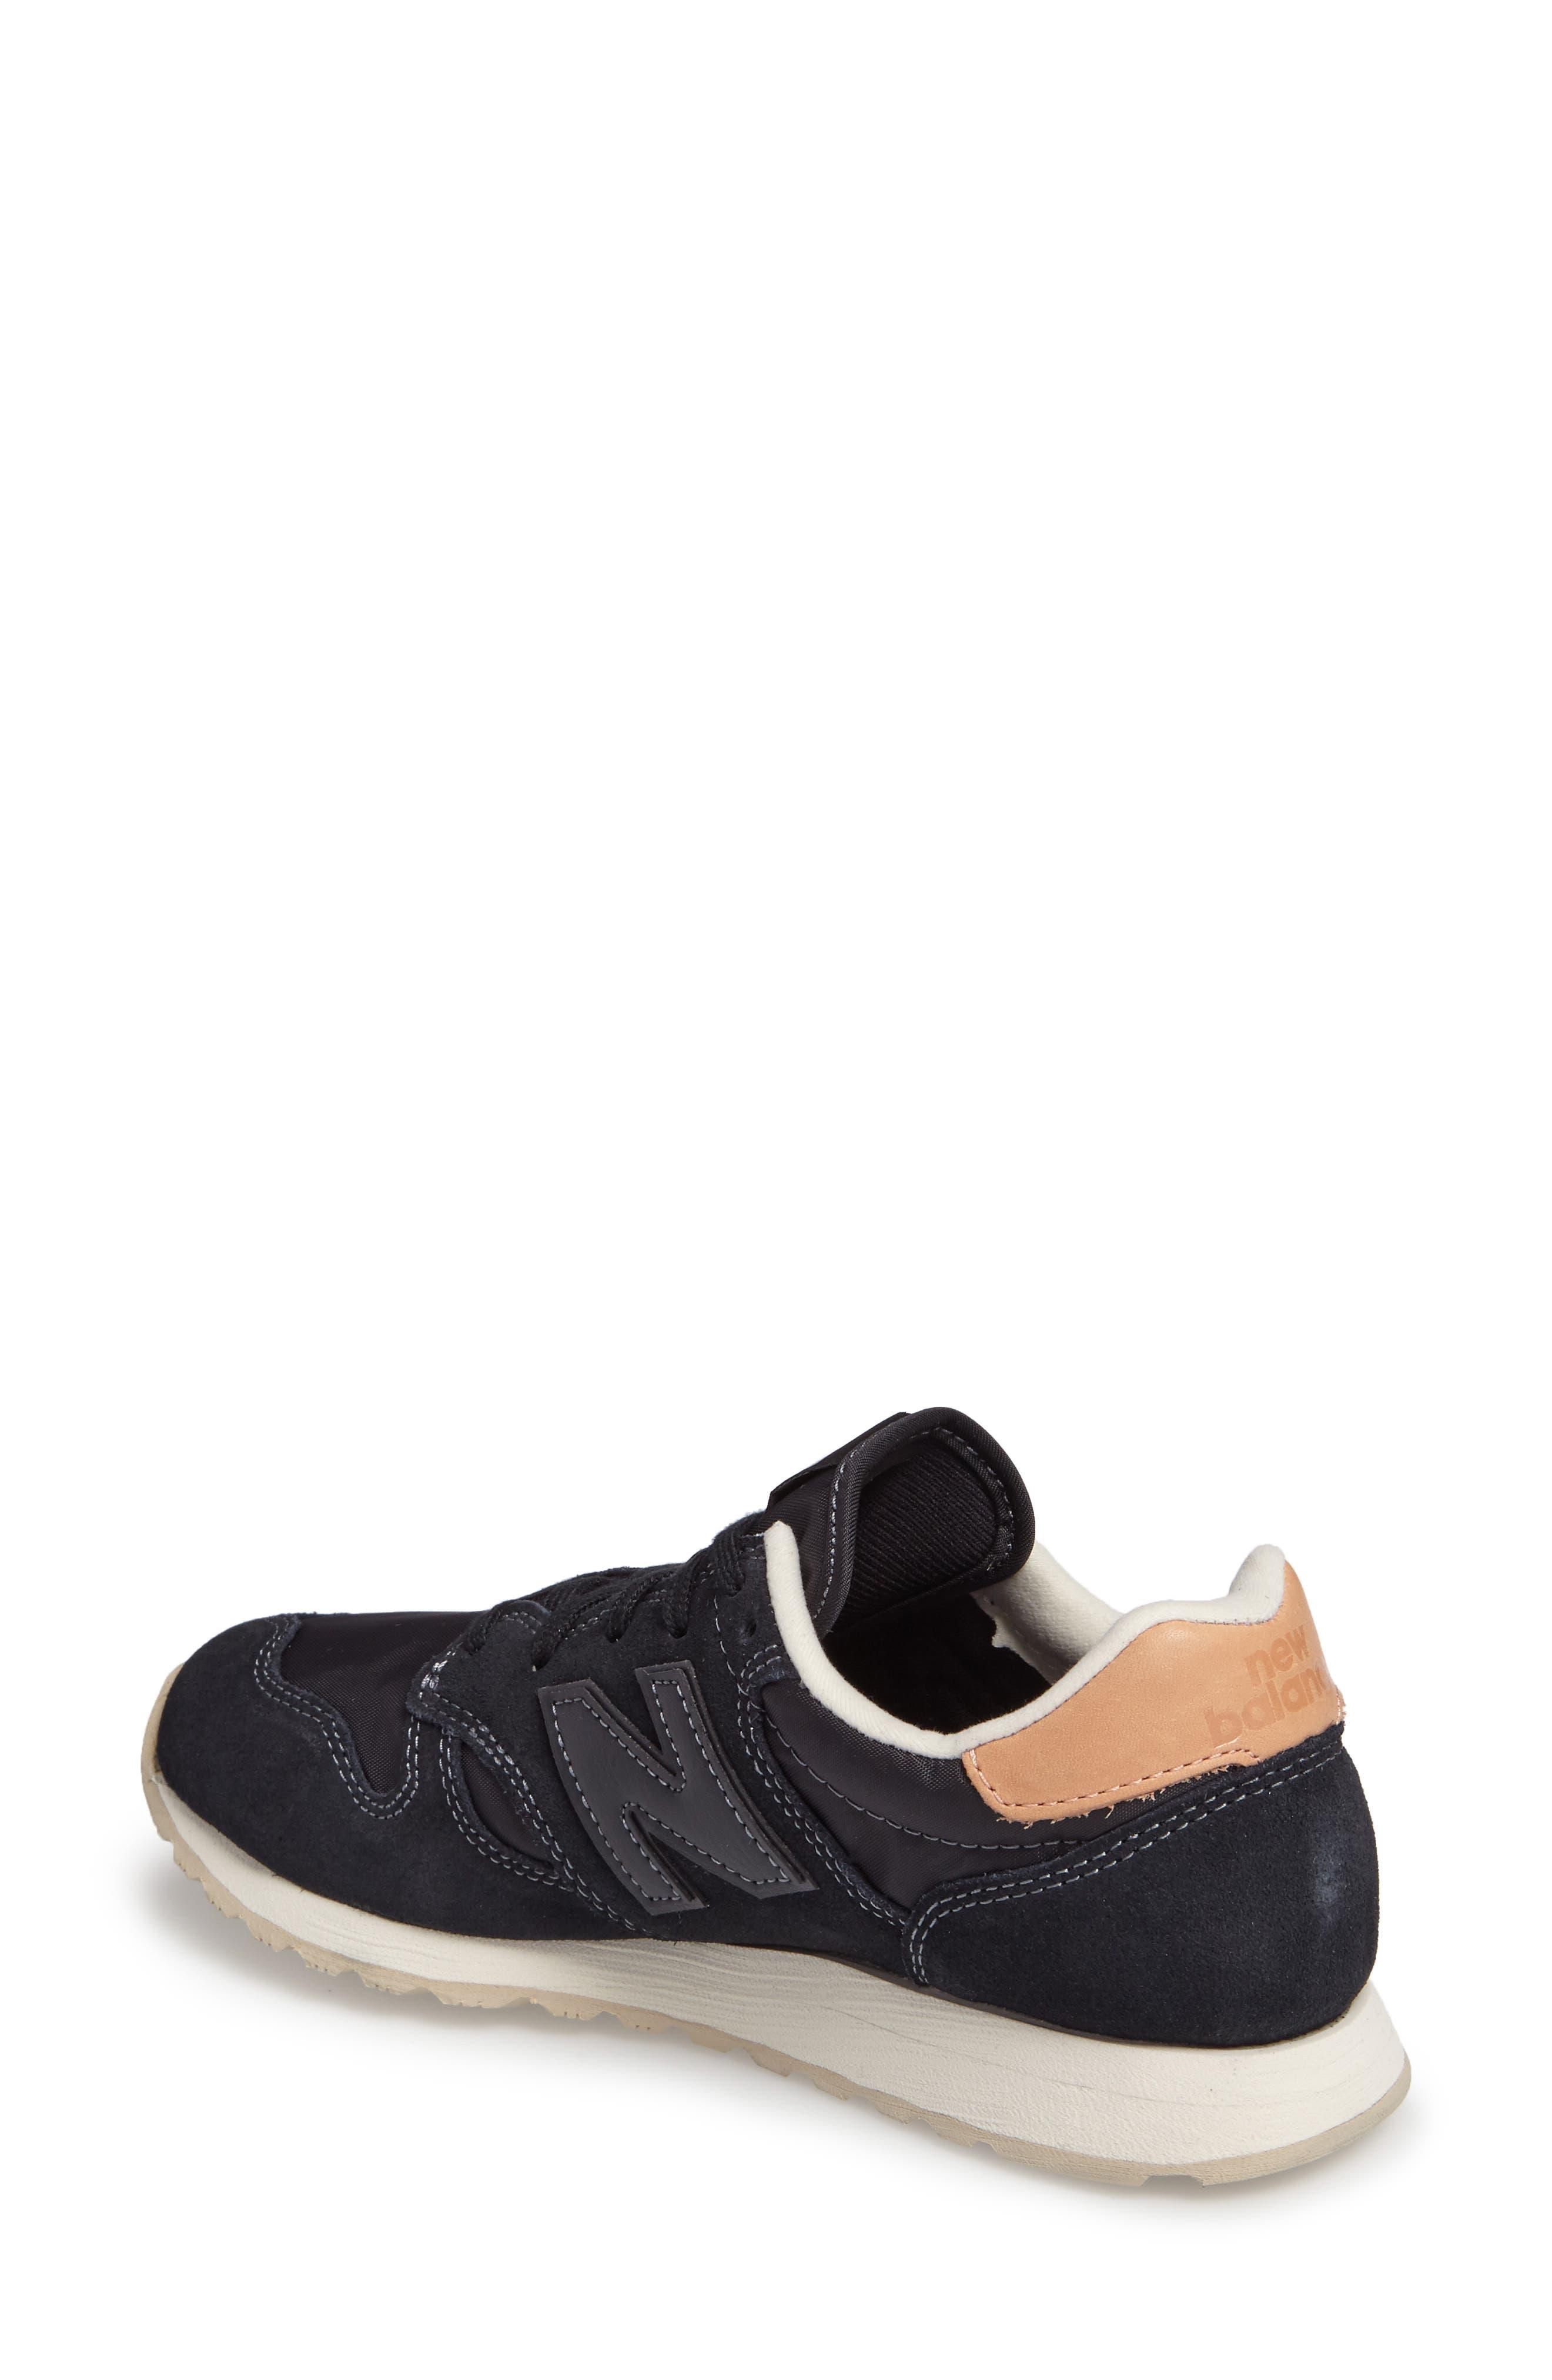 520 Sneaker,                             Alternate thumbnail 2, color,                             001